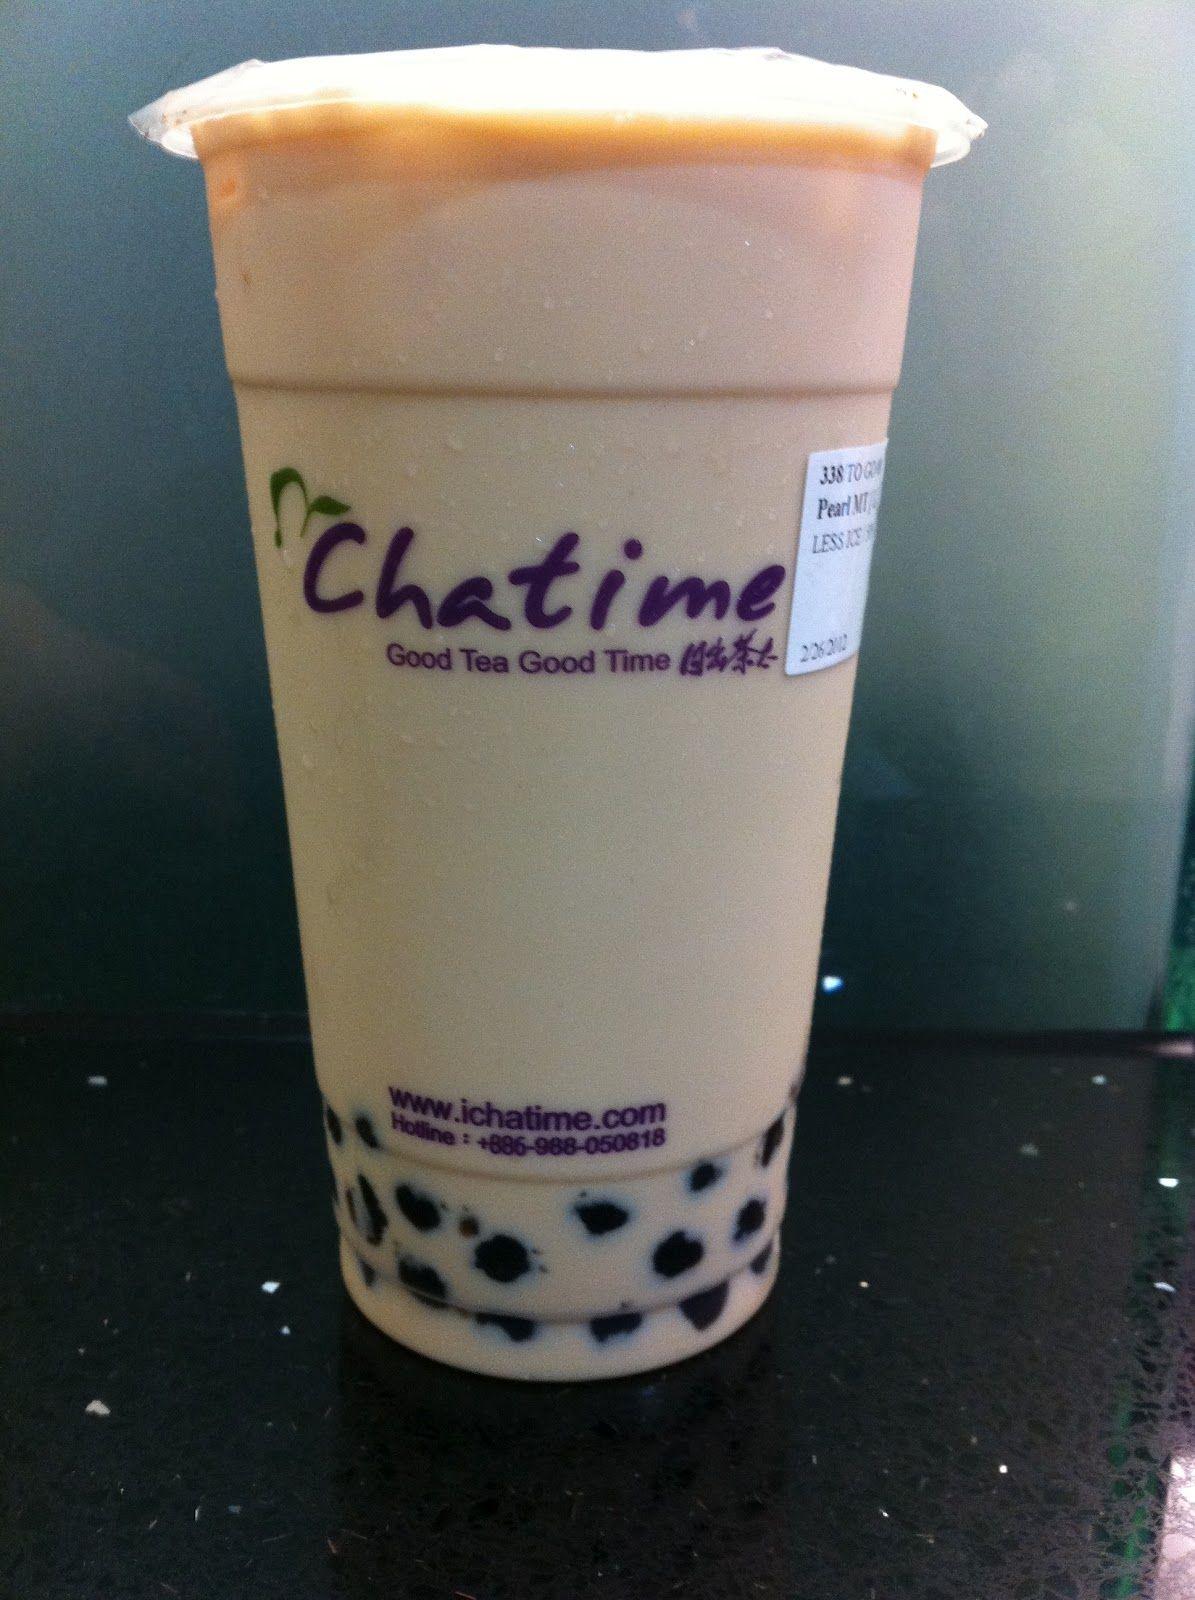 Chatime herbal tea - Cha Time